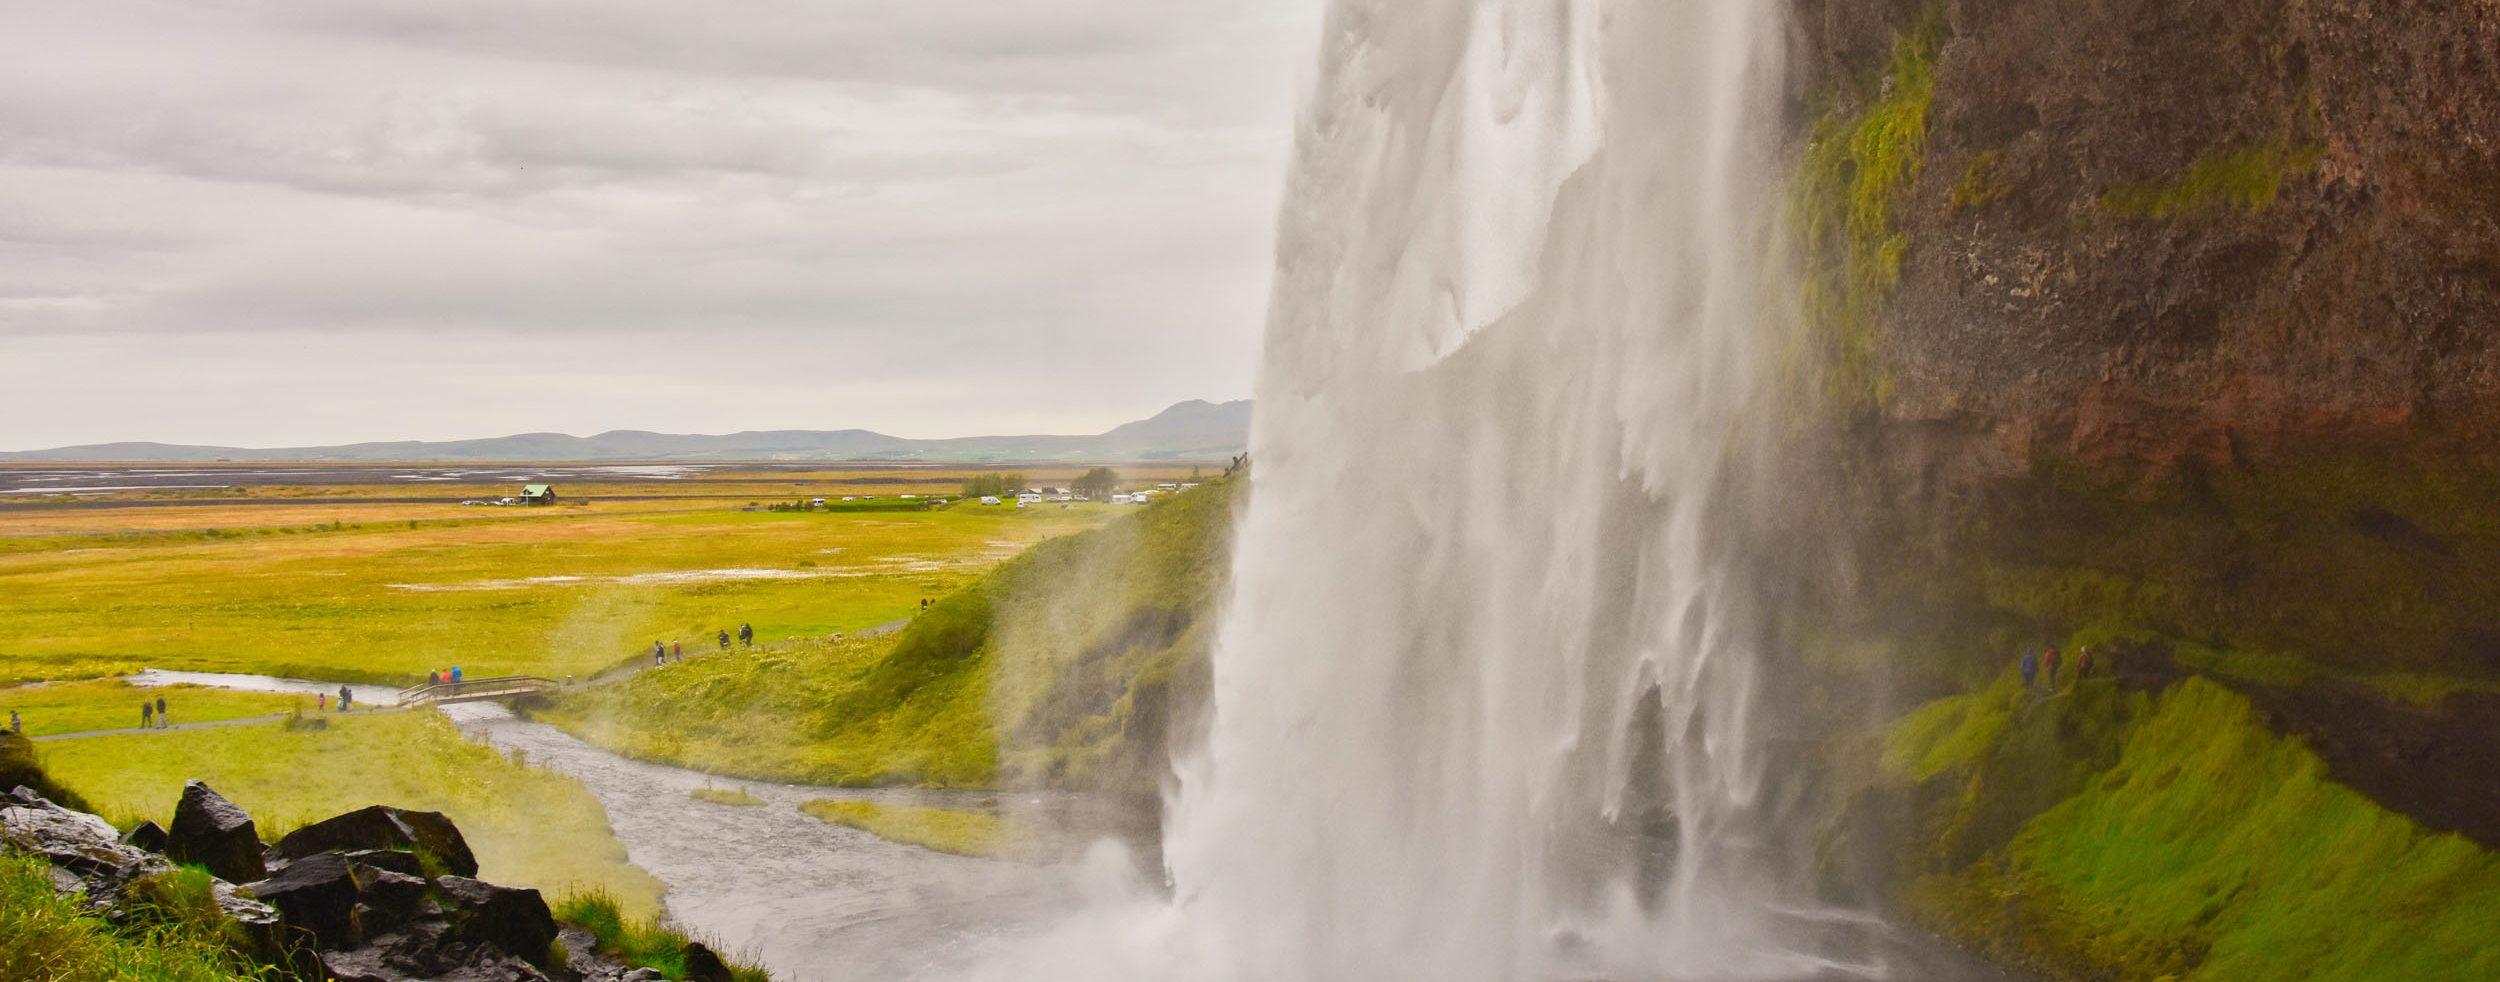 Spazierweg hinter dem Wasserfall